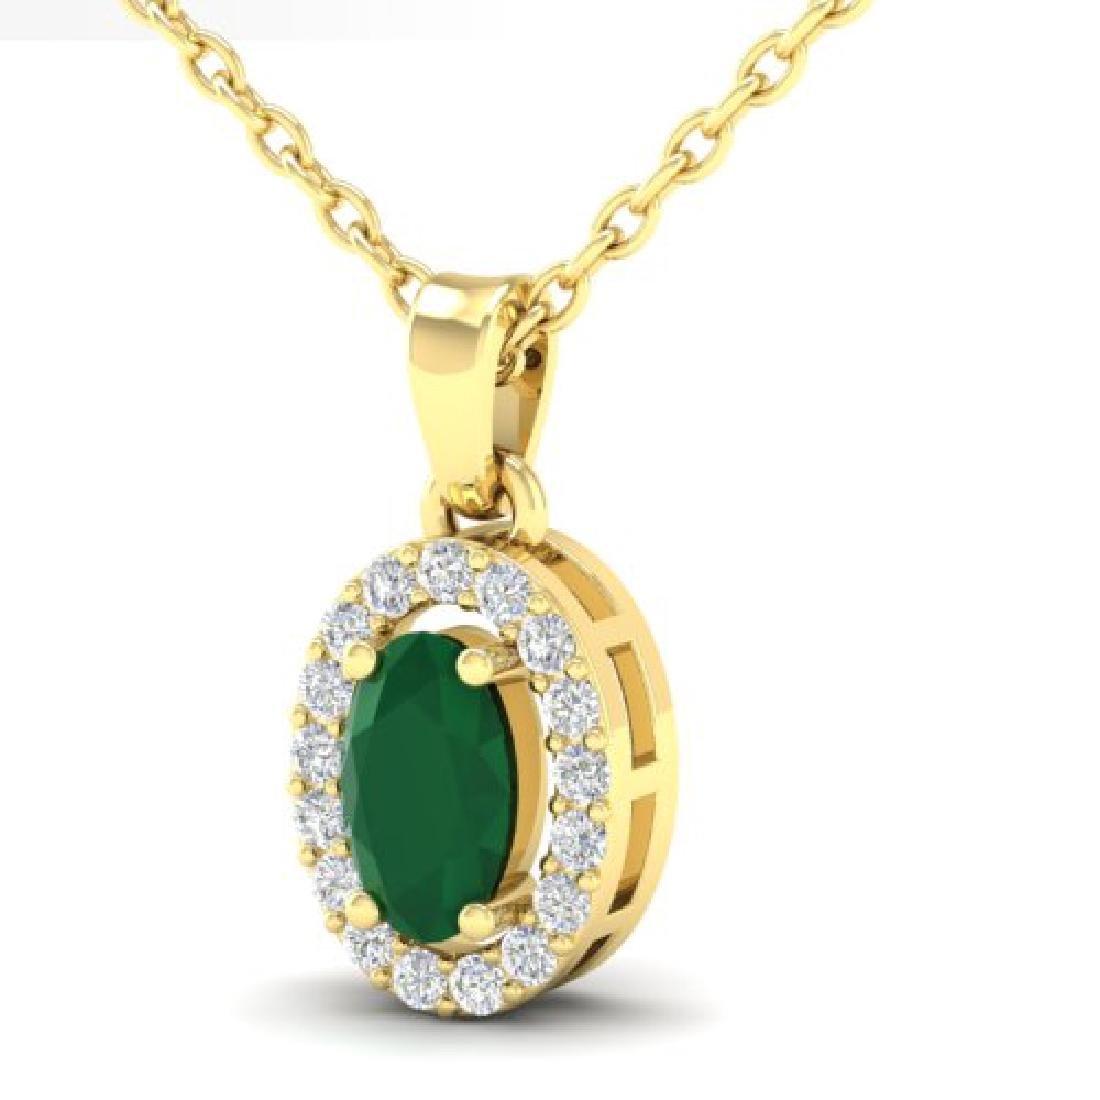 0.51 CTW Emerald & Micro Pave VS/SI Diamond Necklace - 2